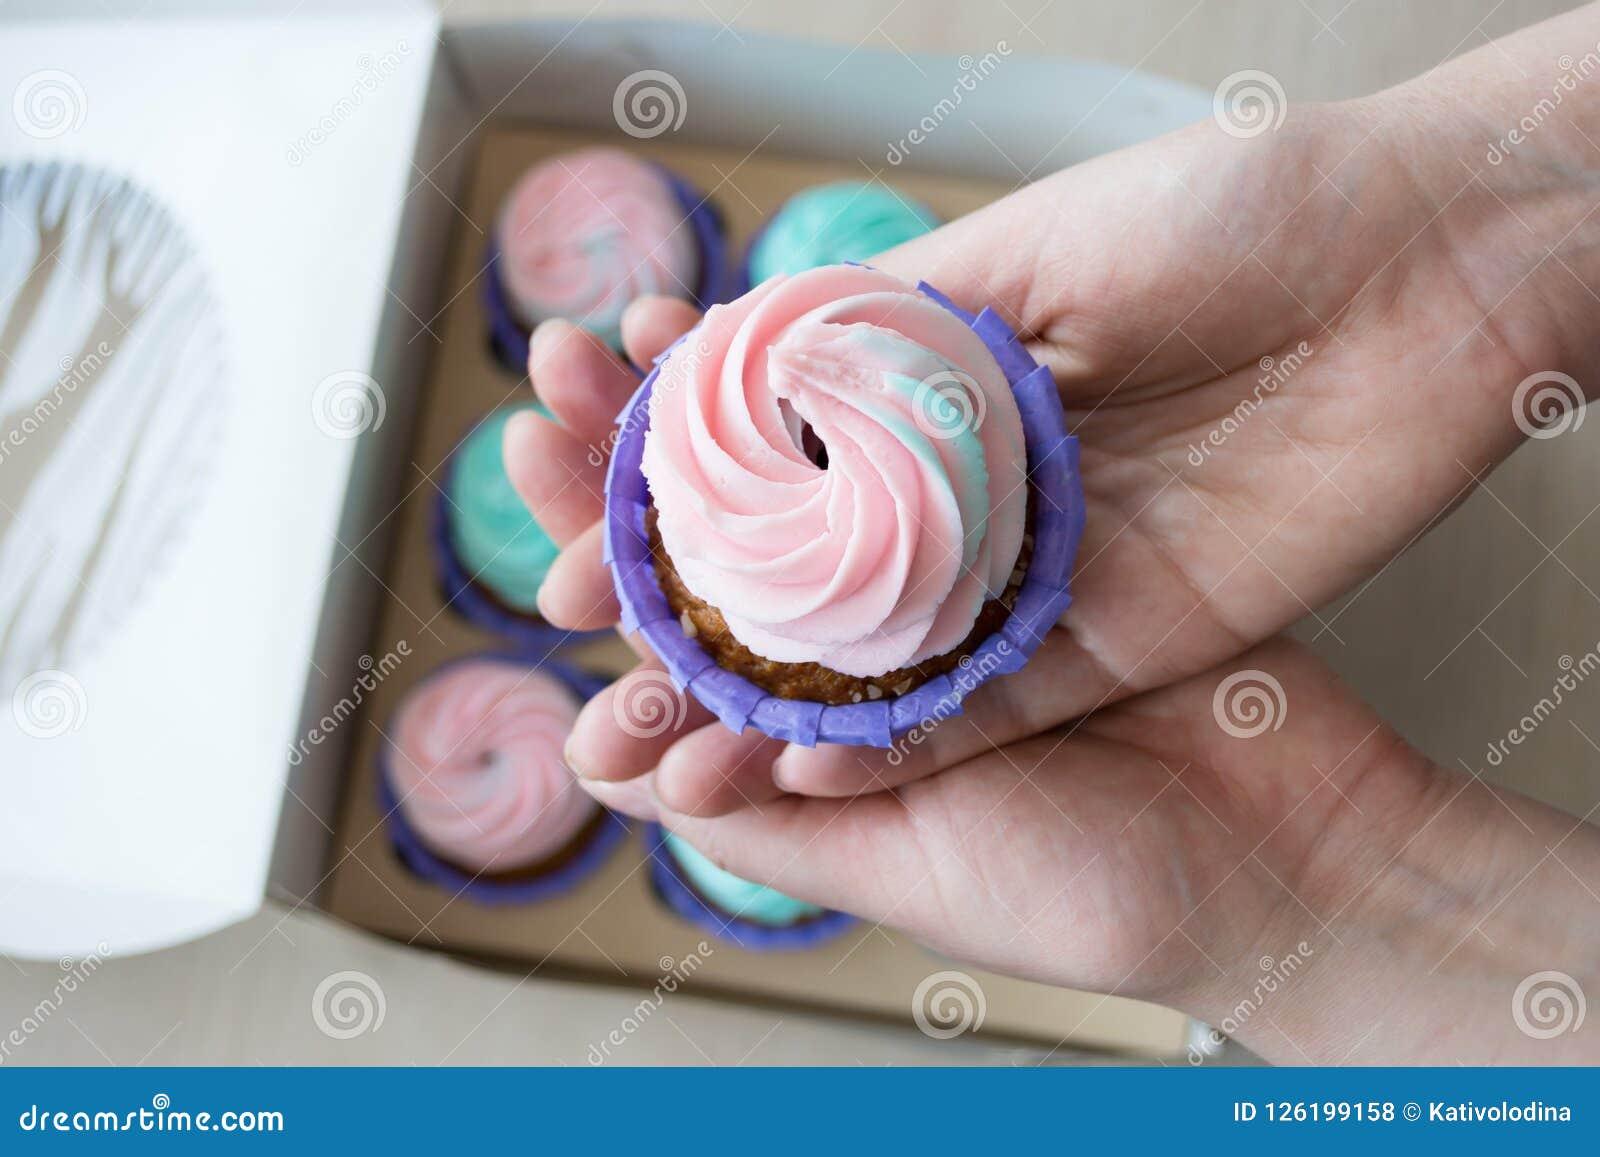 Petit gâteau avec de la crème rose et bleue dans les mains d une fille sur le fond d une boîte de petits gâteaux